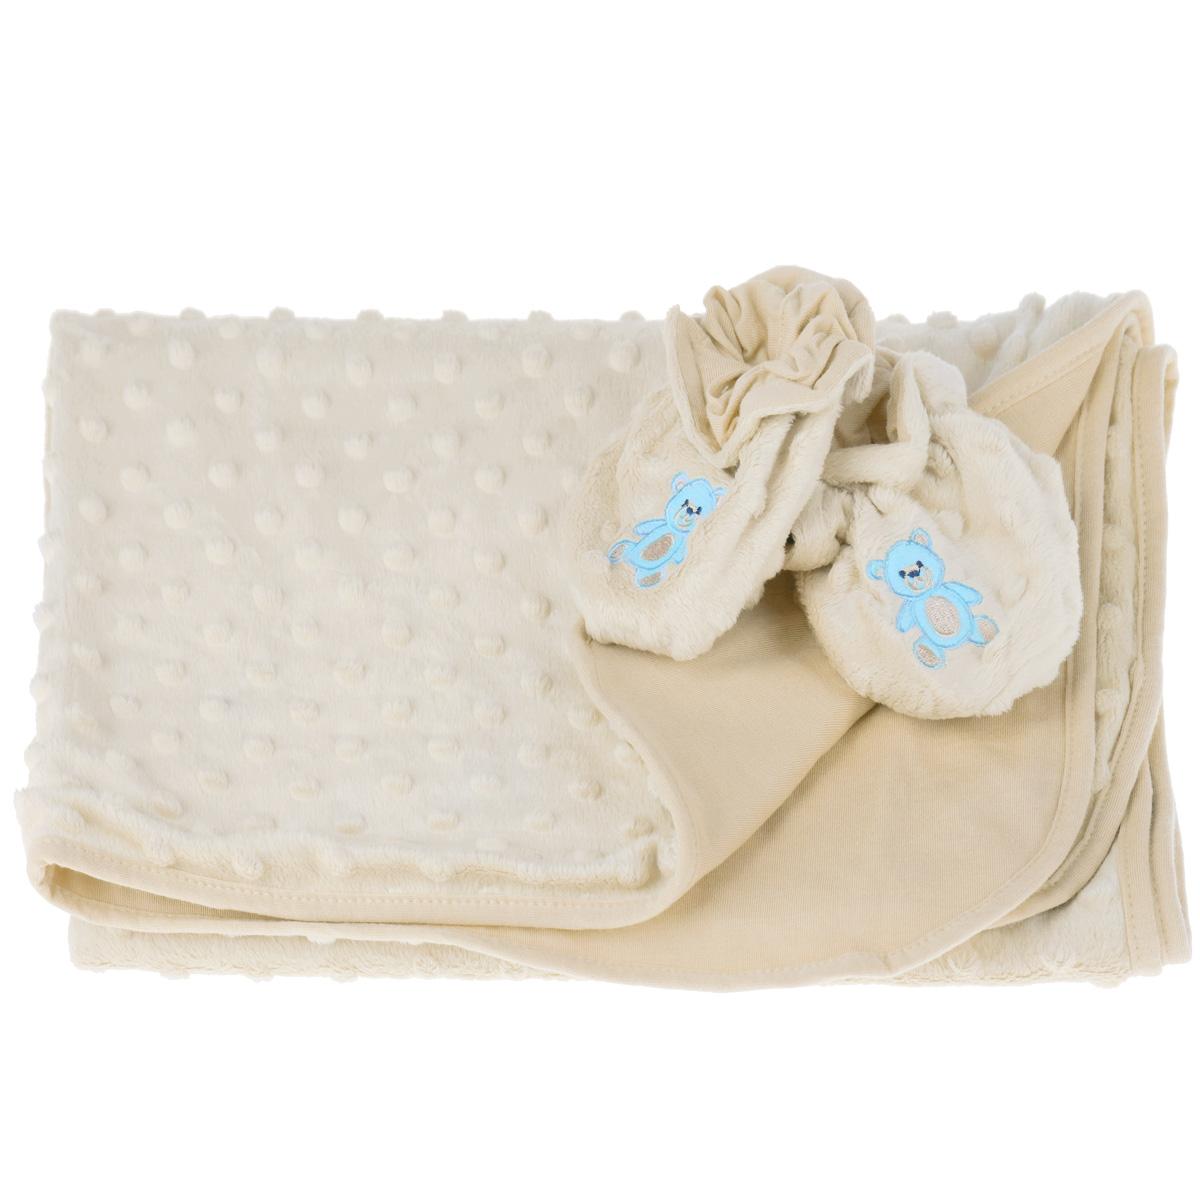 Набор детский Baby Nice: покрывало, пинетки, цвет: персиковыйК 03481_бежевыйДетский набор Baby Nice в коляску, состоит из одеяла и пинеток. Набор изготовлен из экологичных материалов: верх изготовлен из ткани нового поколения Micro Velour, обладающей терморегулирующими и влагорегулирующими свойствами, подкладка - 100% натуральный хлопчатобумажный трикотаж. Пинетки украшены небольшой вышивкой в виде мишек. Они дышащие, из легкой воздухопроницаемой ткани, и сохраняющие тепло, что не позволят замерзнуть ножкам ребенка. Мама малыша, укрытого потрясающе мягким, необыкновенно легким и исключительно теплым одеялом, может быть спокойна за покой и комфортный сон своего ребенка на прогулке, на свежем воздухе. Набор окрашен гипоаллергенными красителями. Размер одеяла: 70 см х 98 см. Пинетки для детей от 0 до 3 лет.